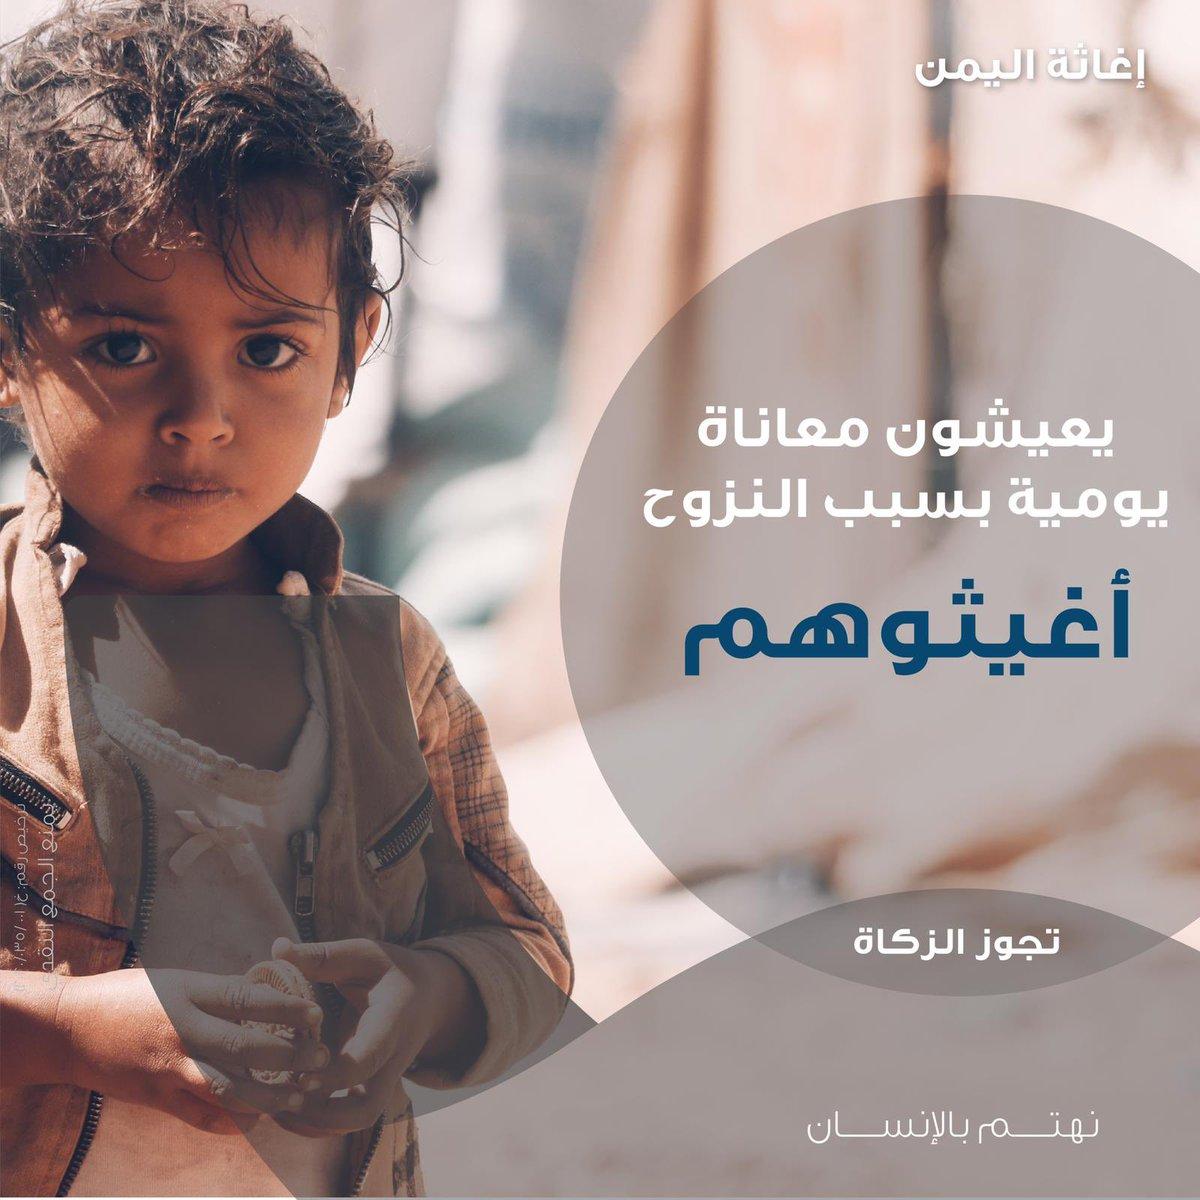 أكثر من 24 مليون يمني يحتاجون إلى مساعدات إنسانيّة  2.3 مليون طفل دون الخامسة يعانون من سوء التغذية الحاد  ▫️ #أغيثوهم .. حملة لإنقاذ 30 ألف يمني  للتبرع👇   #نماء_الخيرية